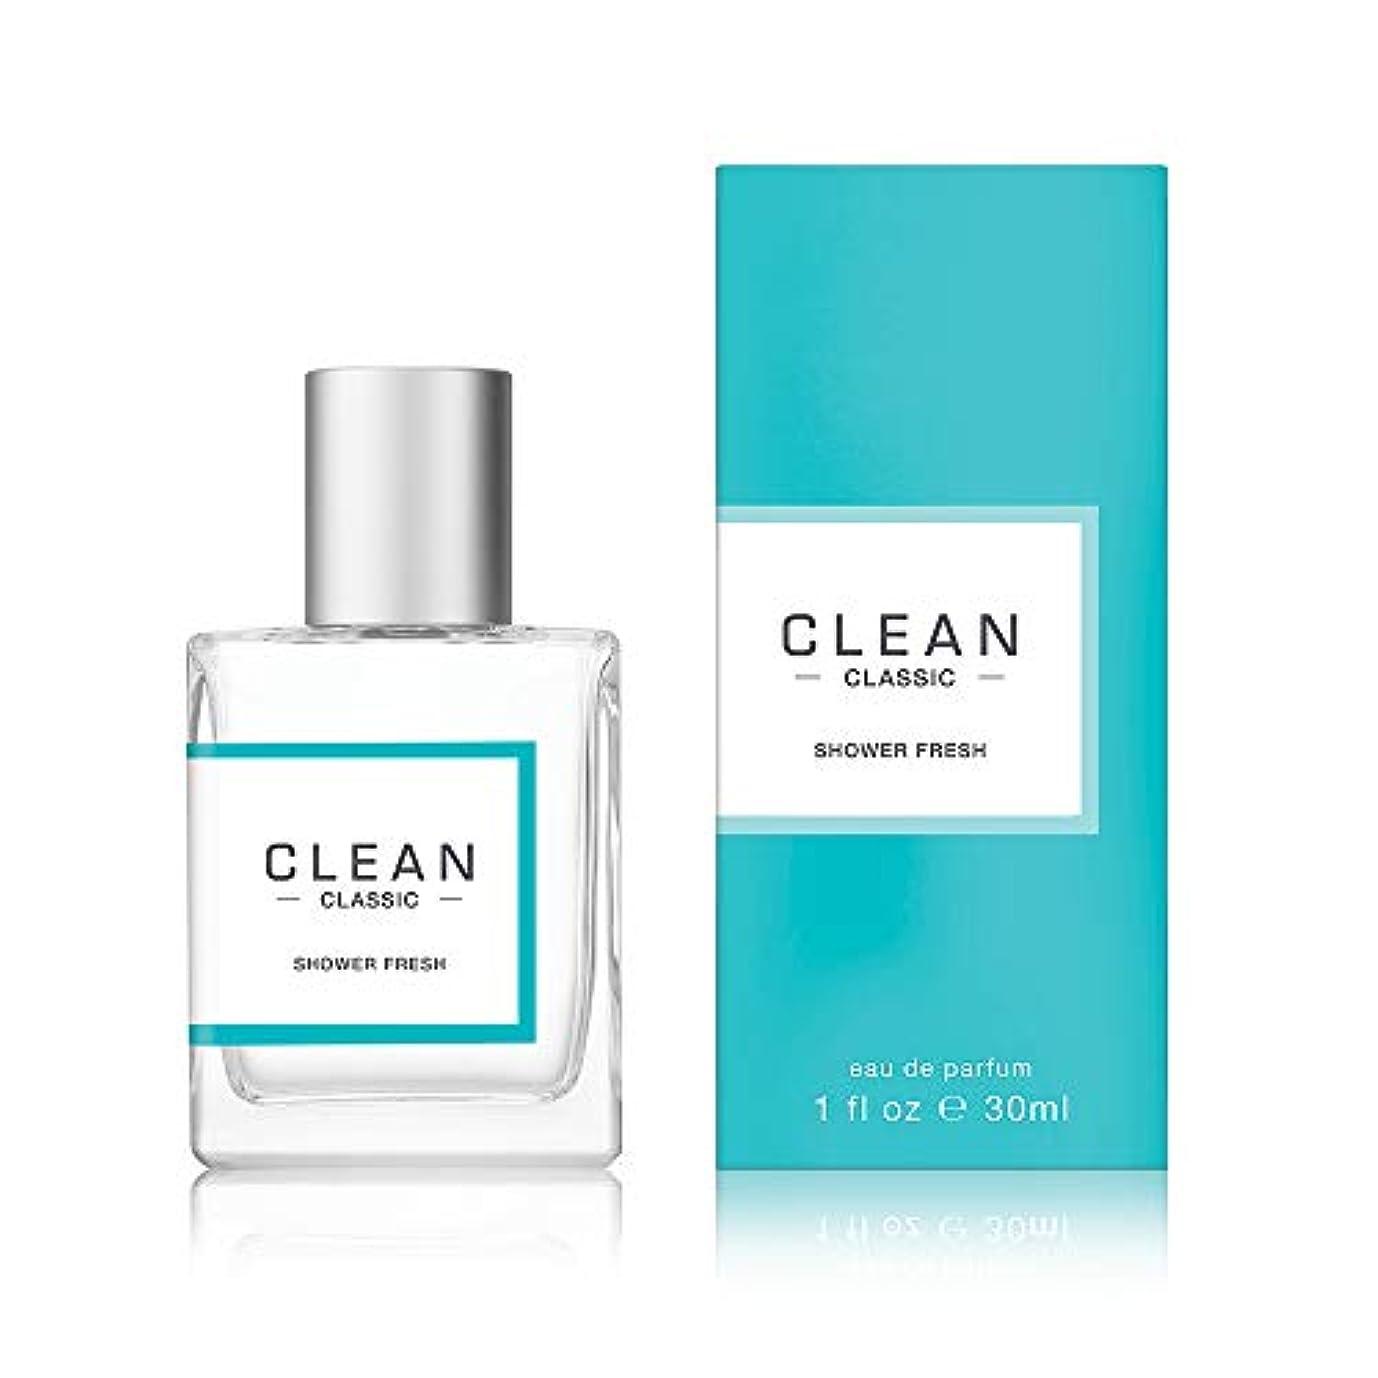 雇った給料優遇CLEAN(クリーン) クリーン クラシック シャワーフレッシュ オードパルファム 30mL